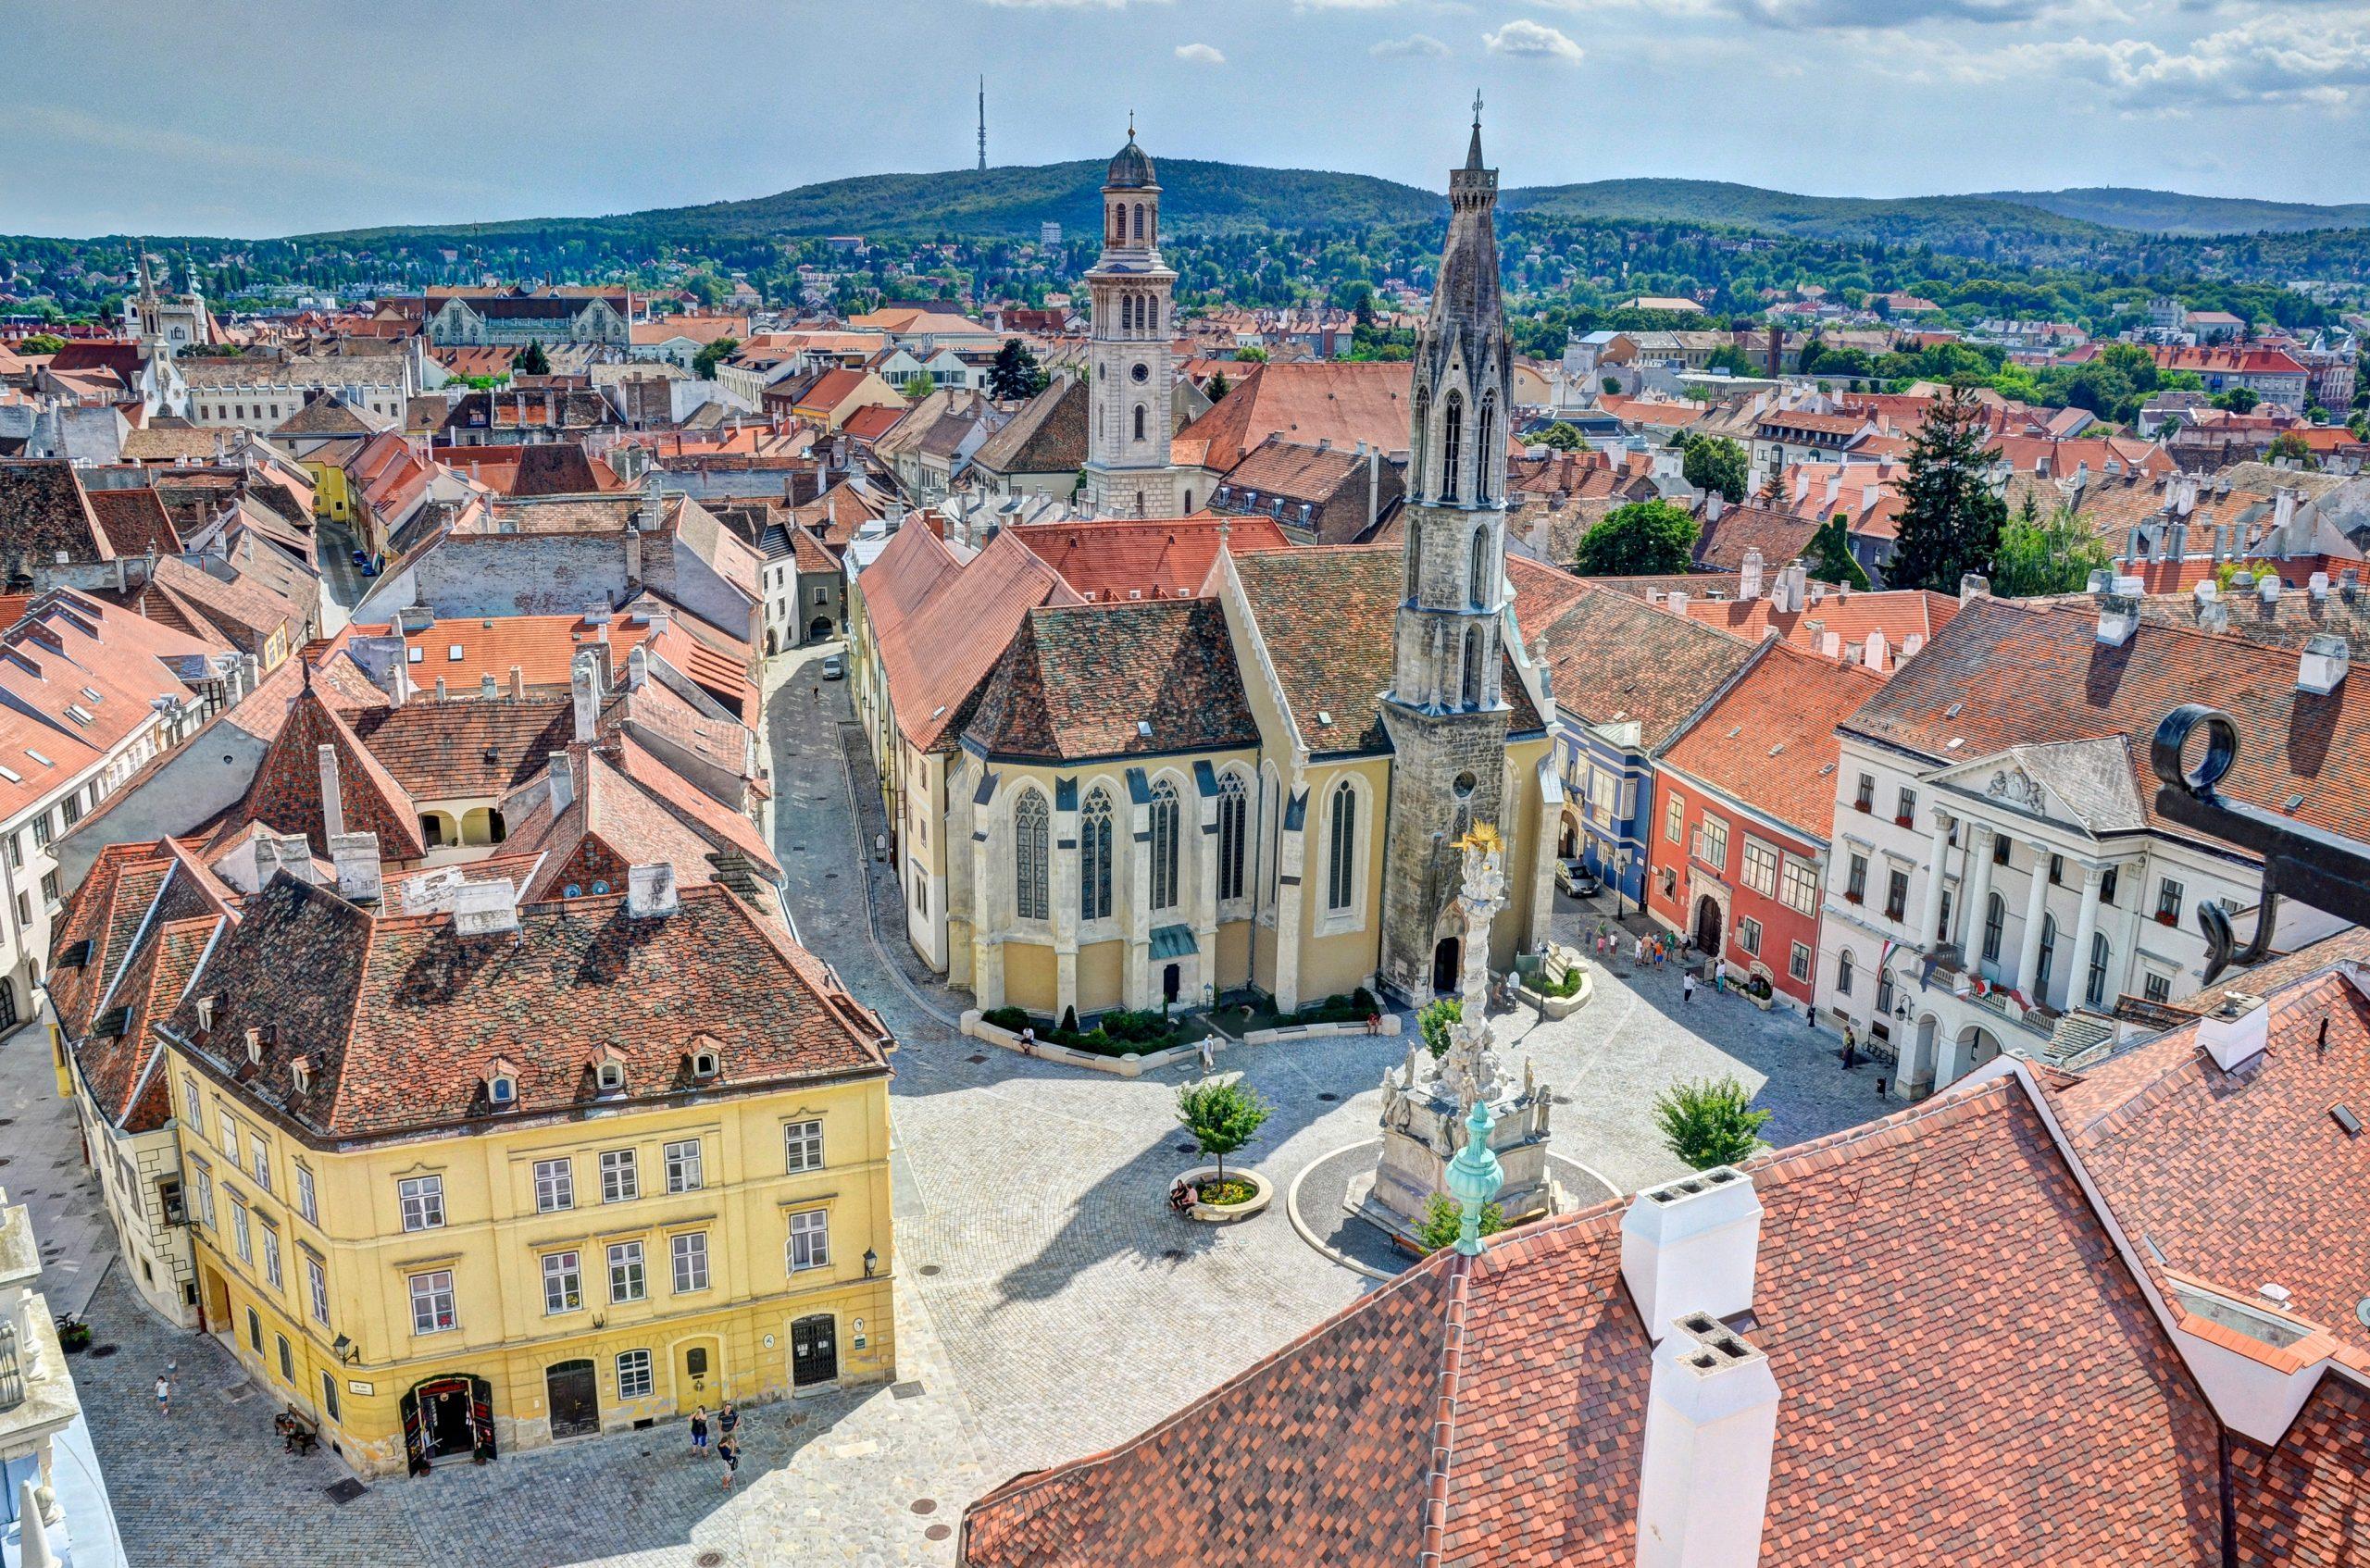 Regierungsbeauftragter: Weitere Milliarden für den Ausbau von Ungarns Städten